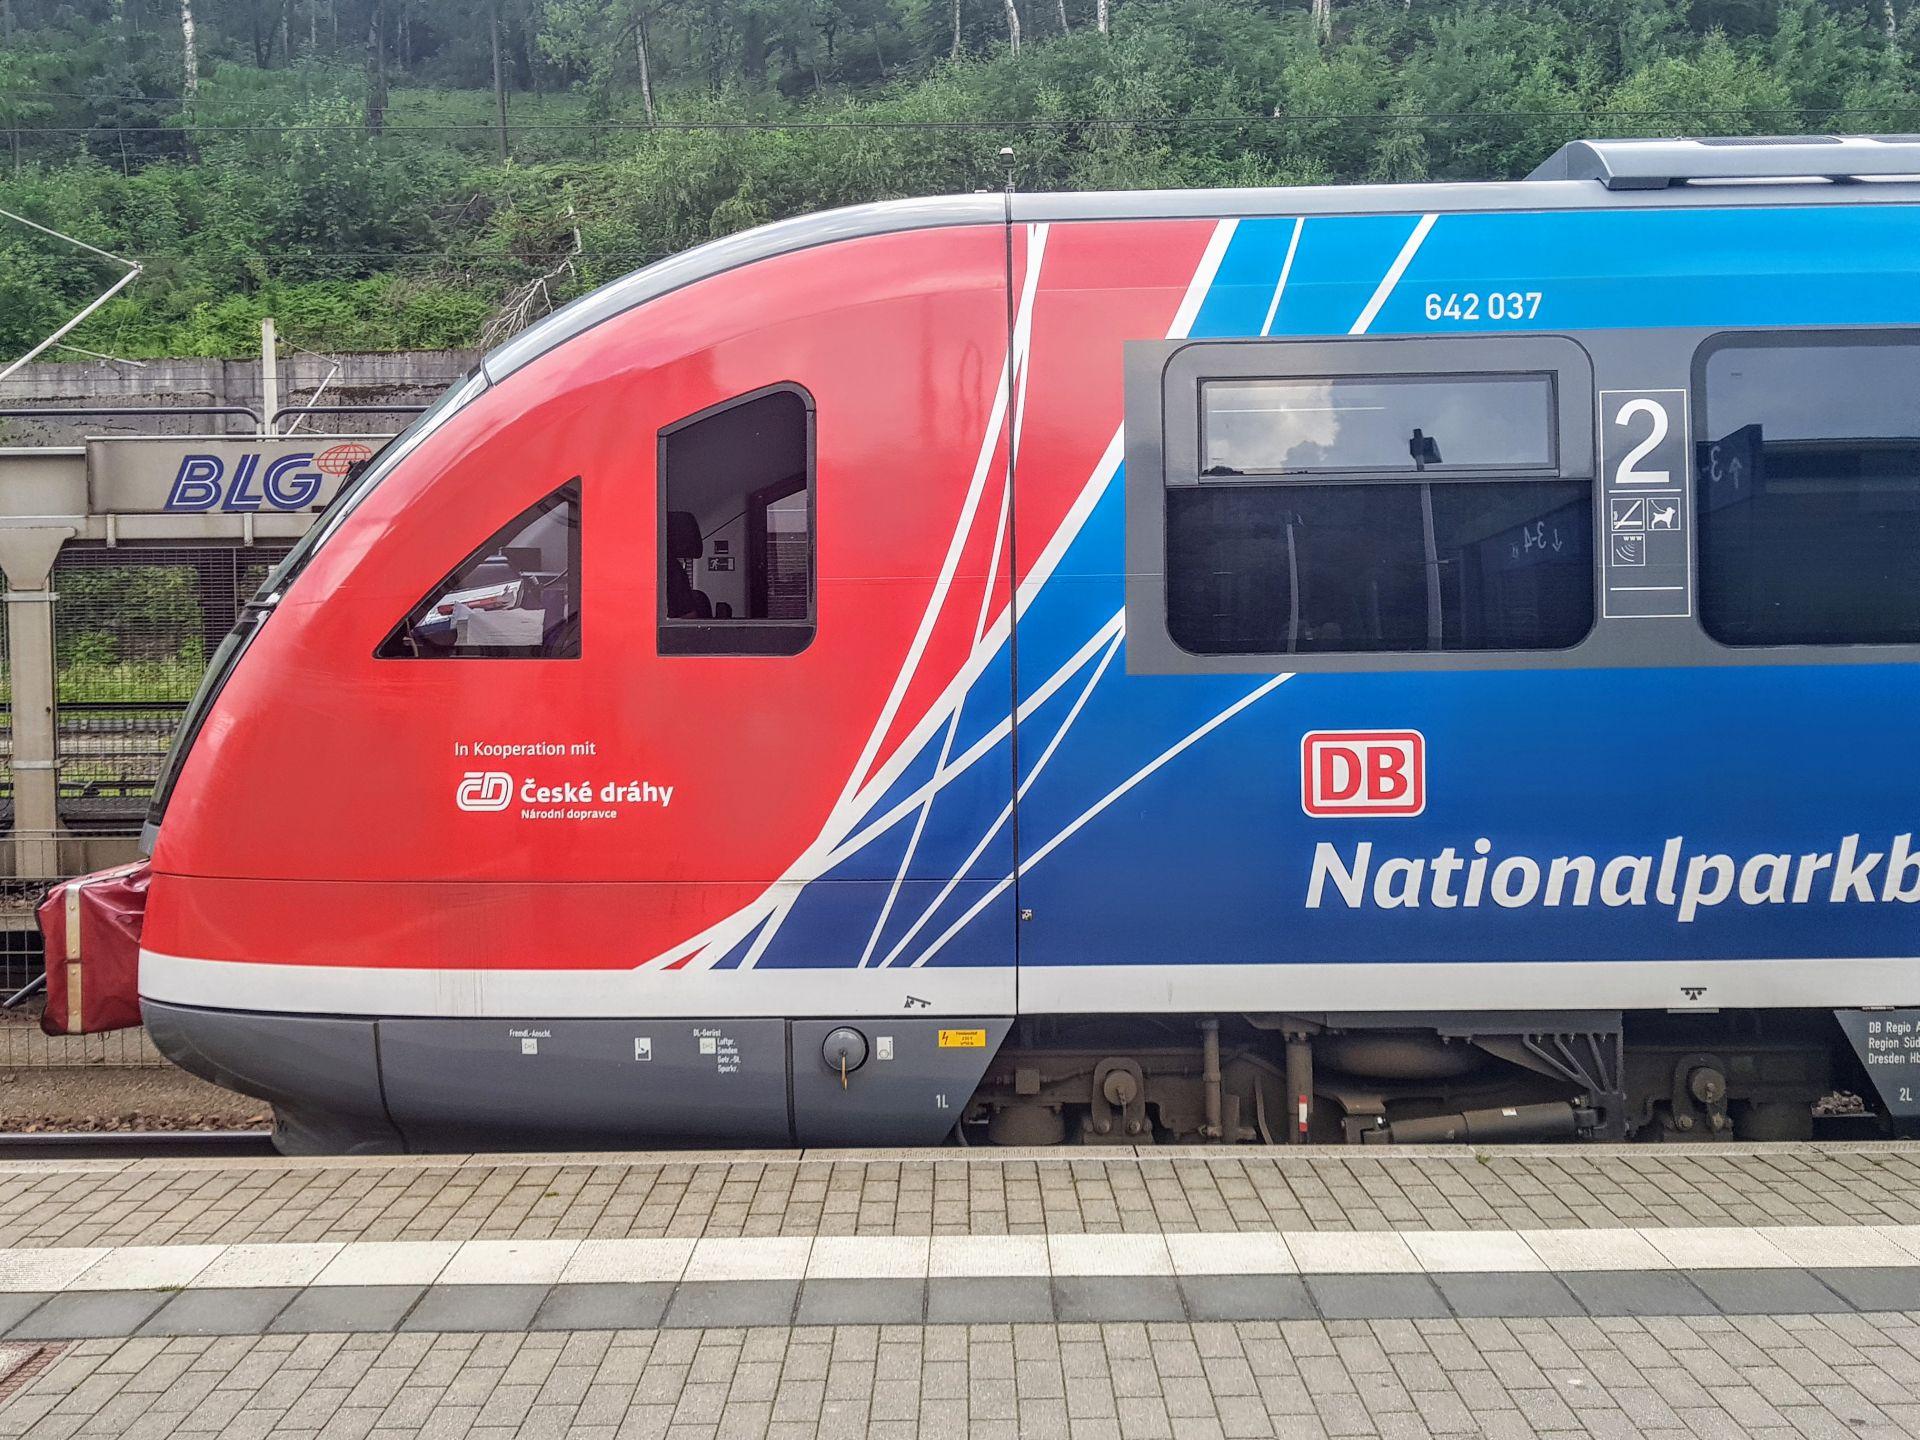 Siemens Desiro DB Regio v Bad Schandau. Foto: Jan Sůra / Zdopravy.cz